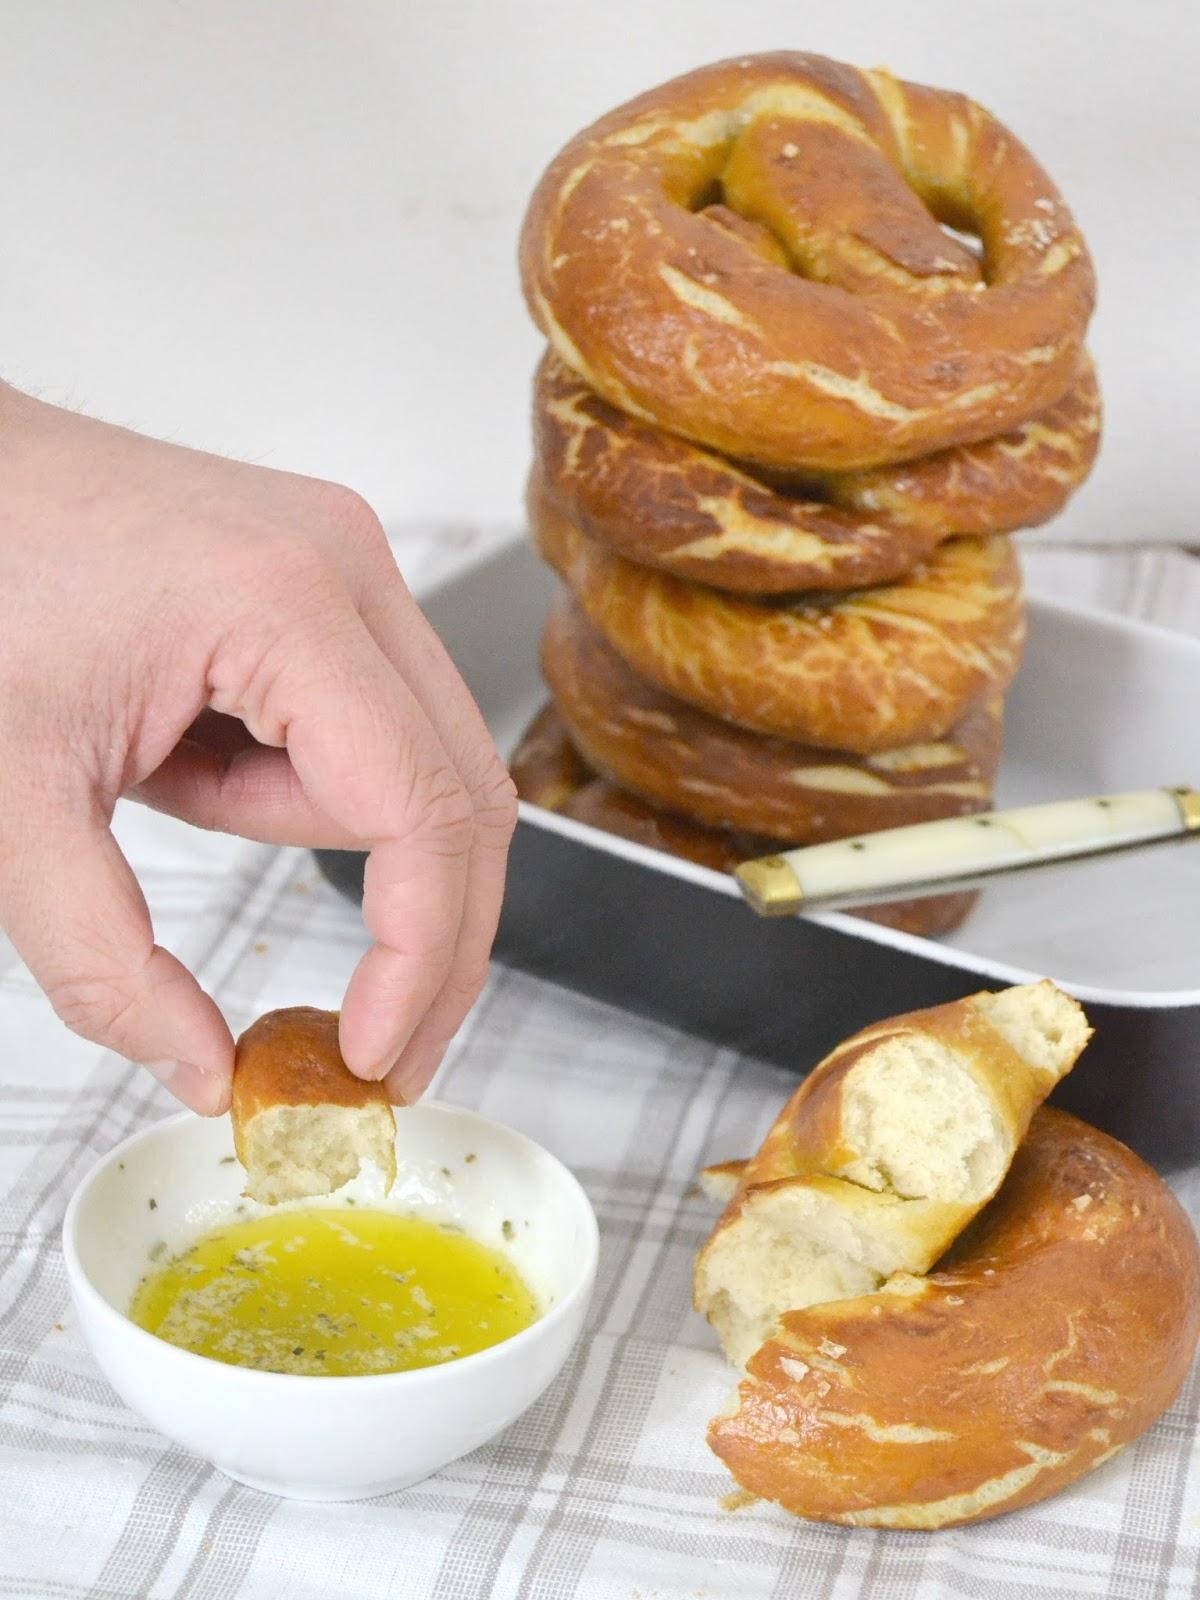 receta de pretzels. Panecillos alemanes